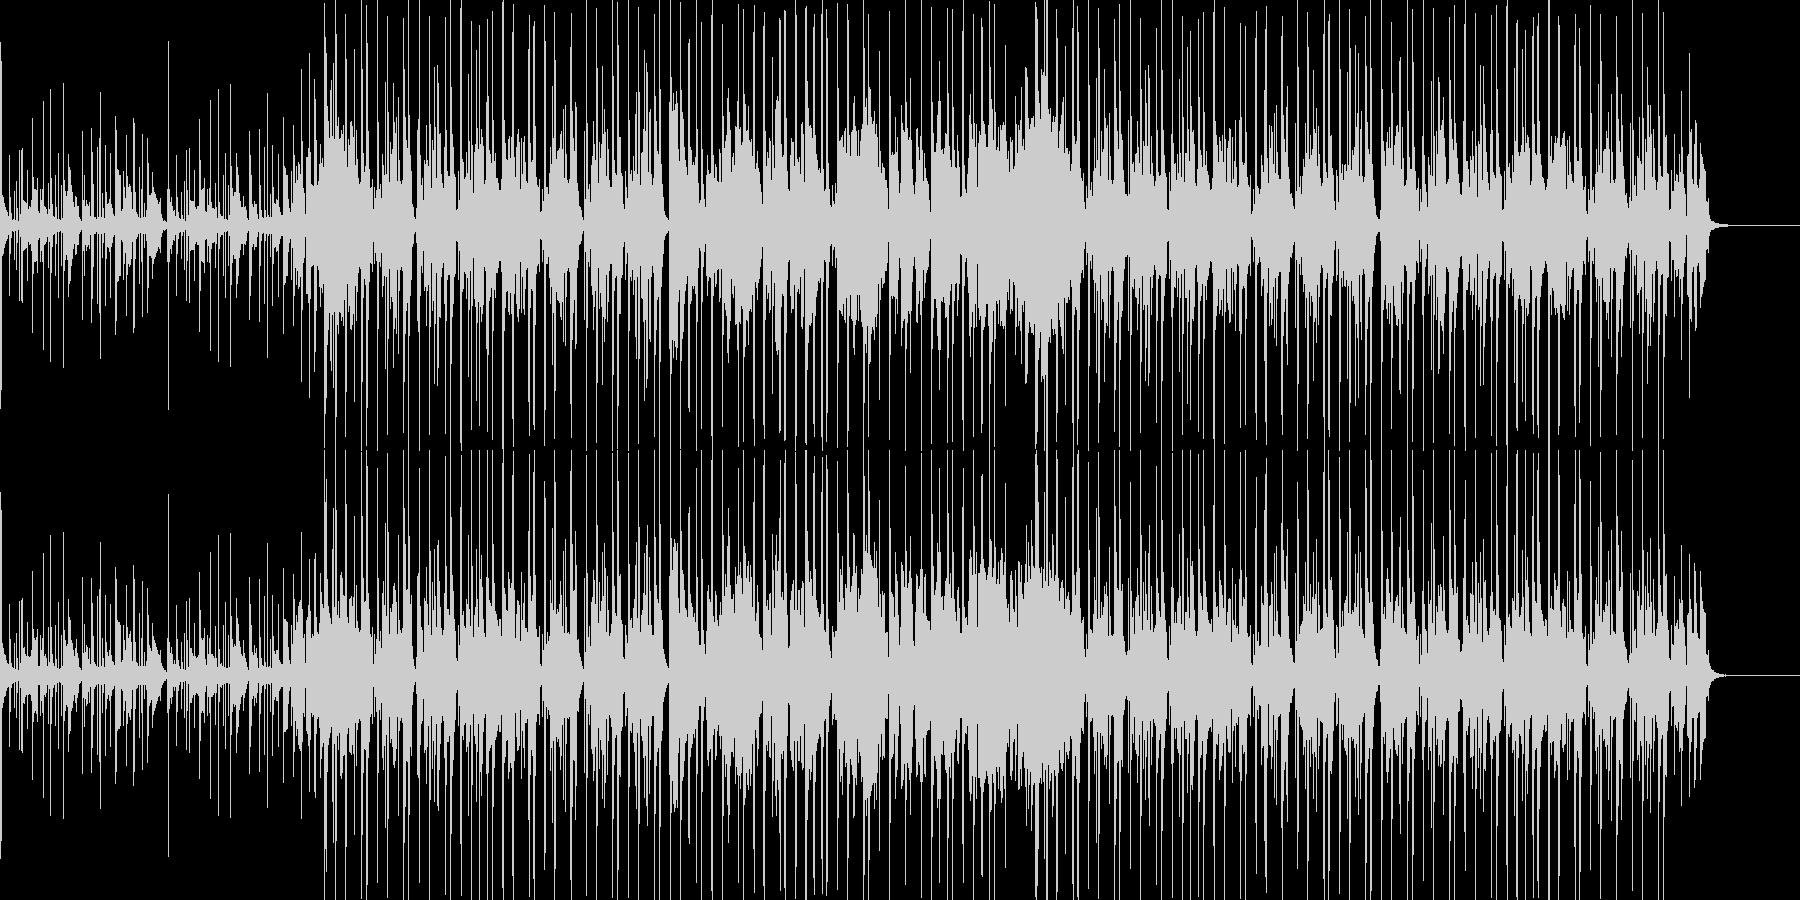 サックスの入ったファンクな曲の未再生の波形